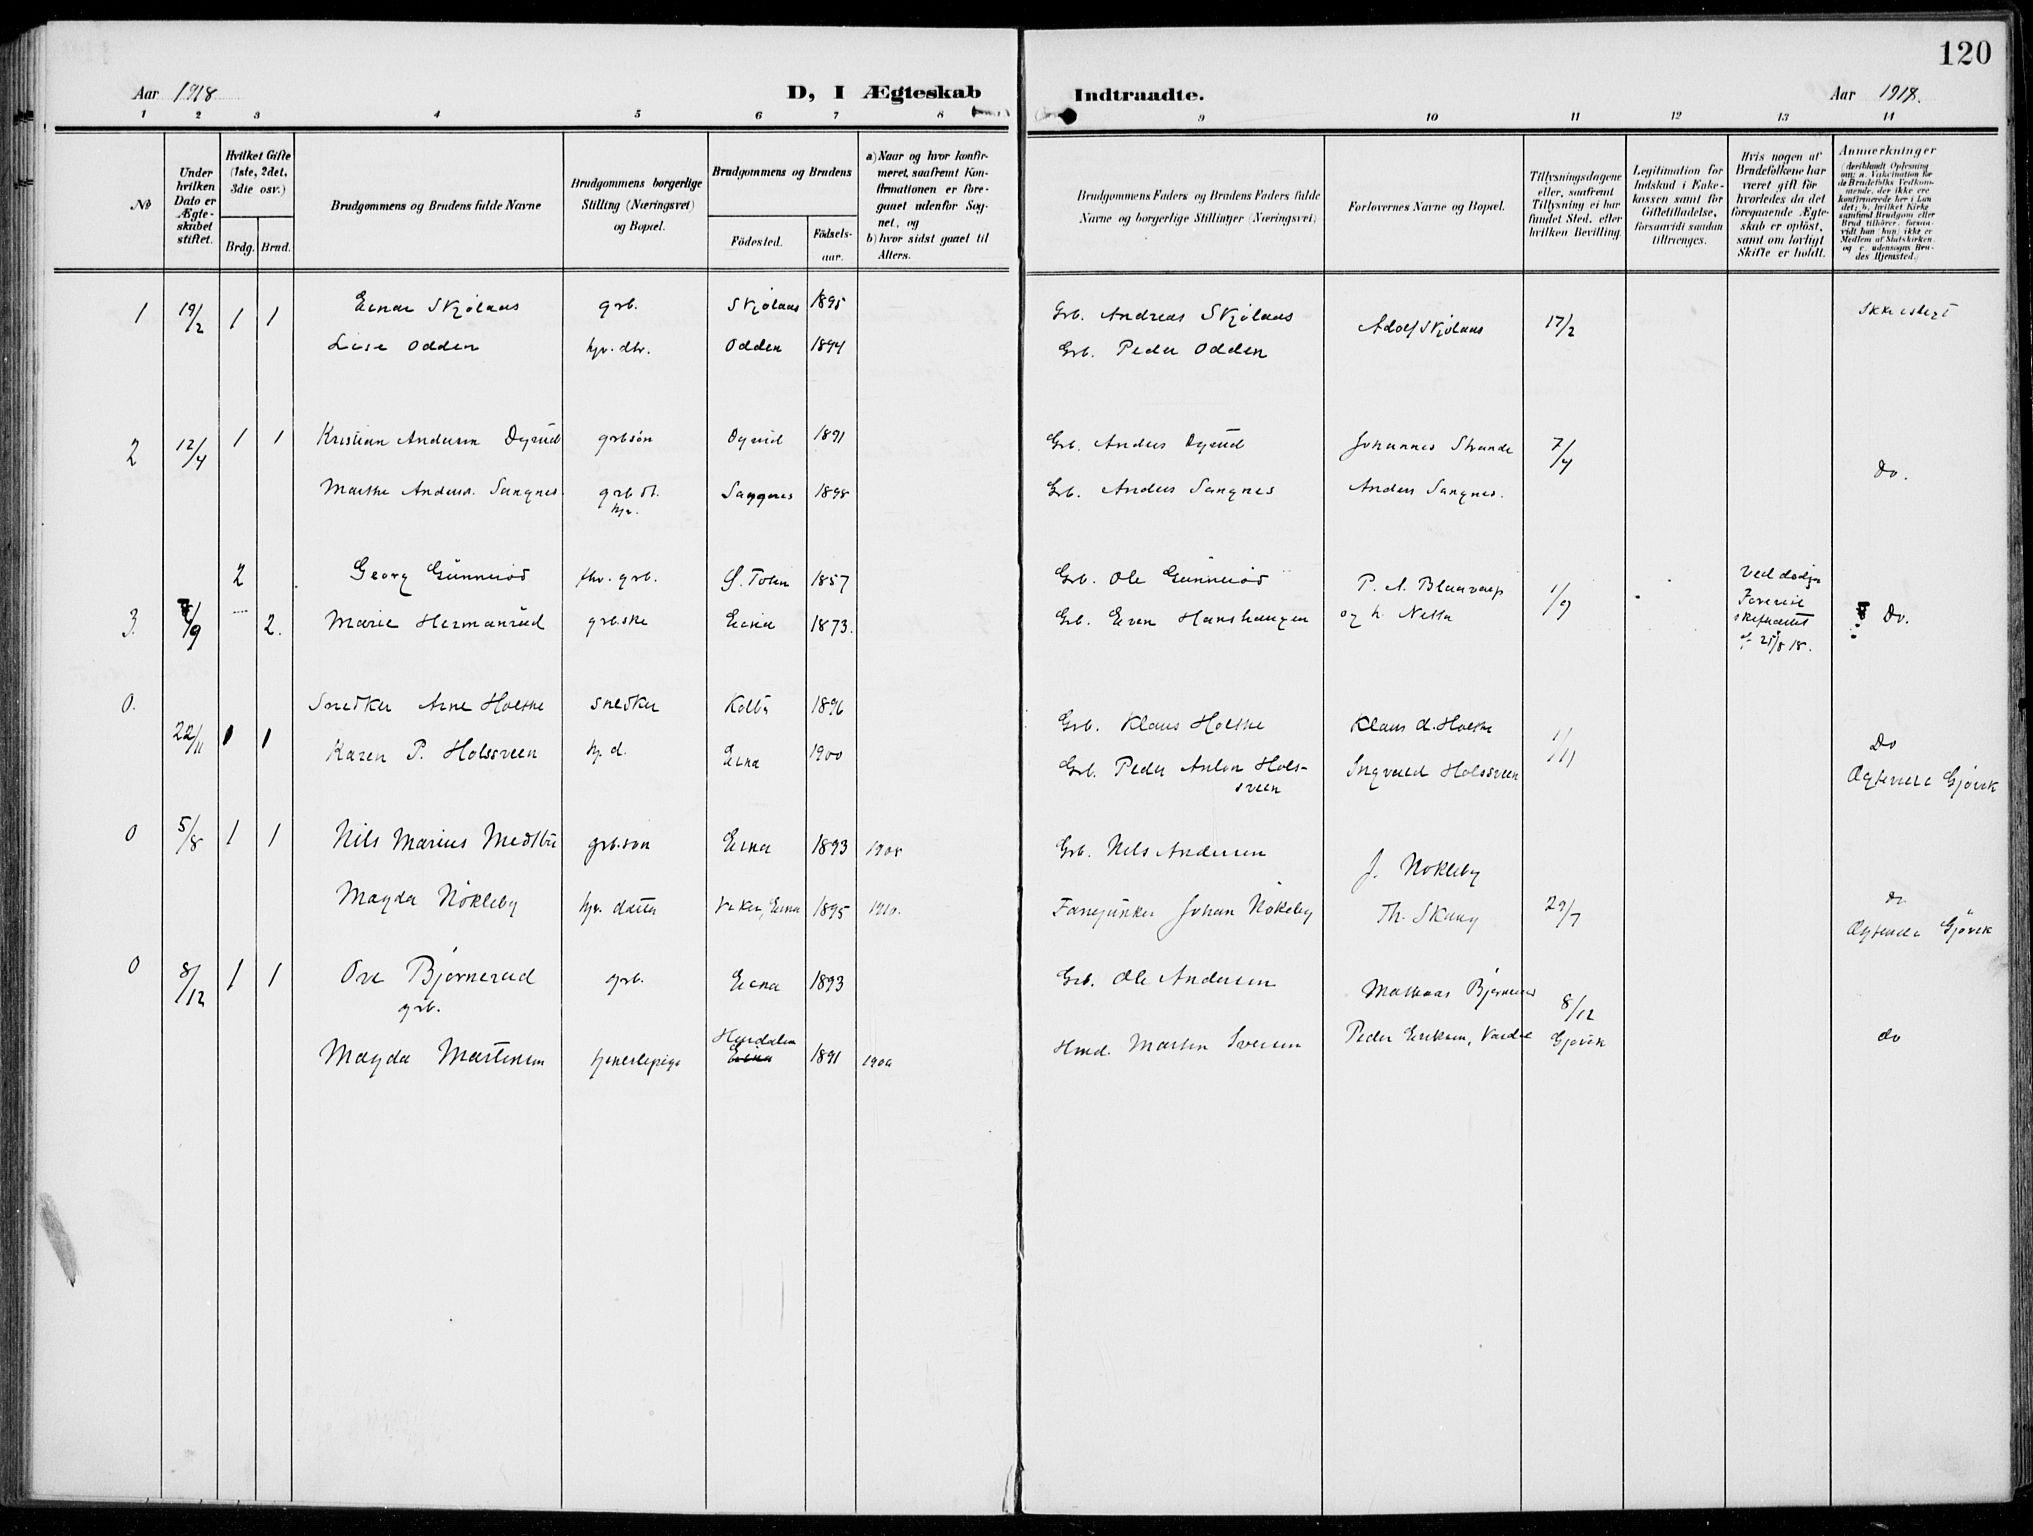 SAH, Kolbu prestekontor, Ministerialbok nr. 1, 1907-1923, s. 120